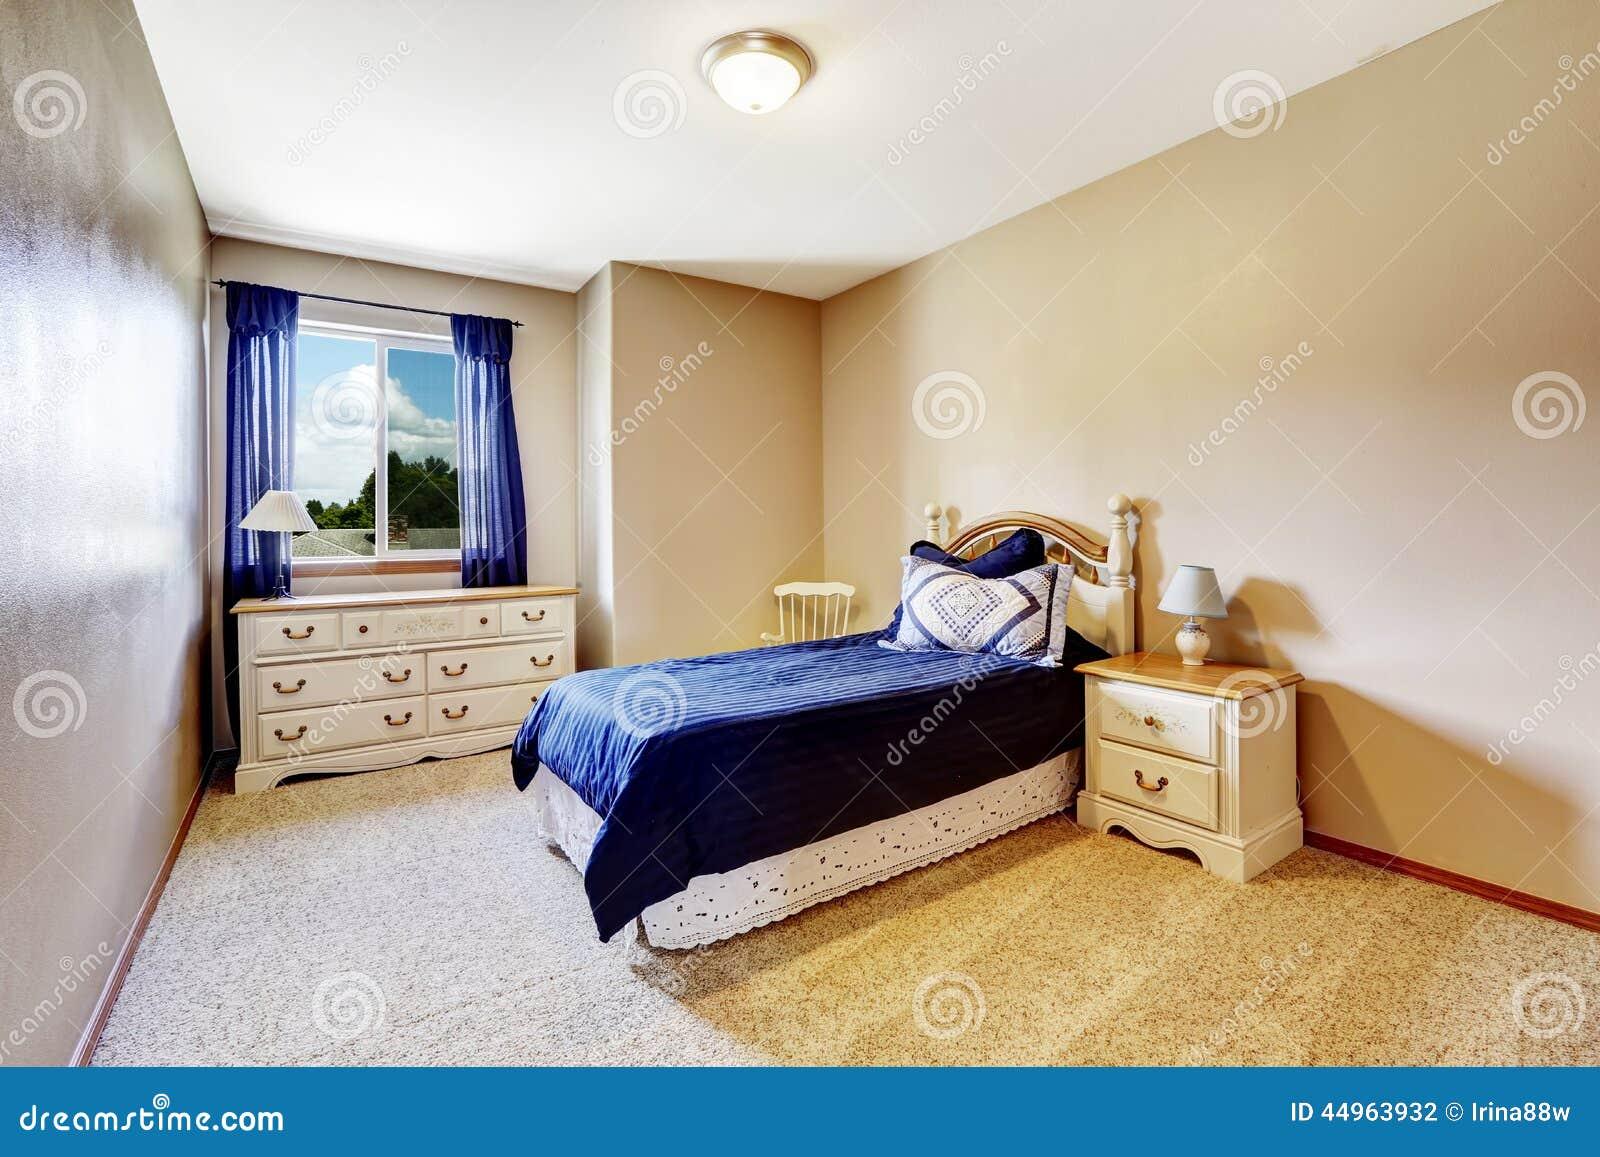 int rieur de chambre coucher avec la literie et les rideaux de marine photo stock image. Black Bedroom Furniture Sets. Home Design Ideas